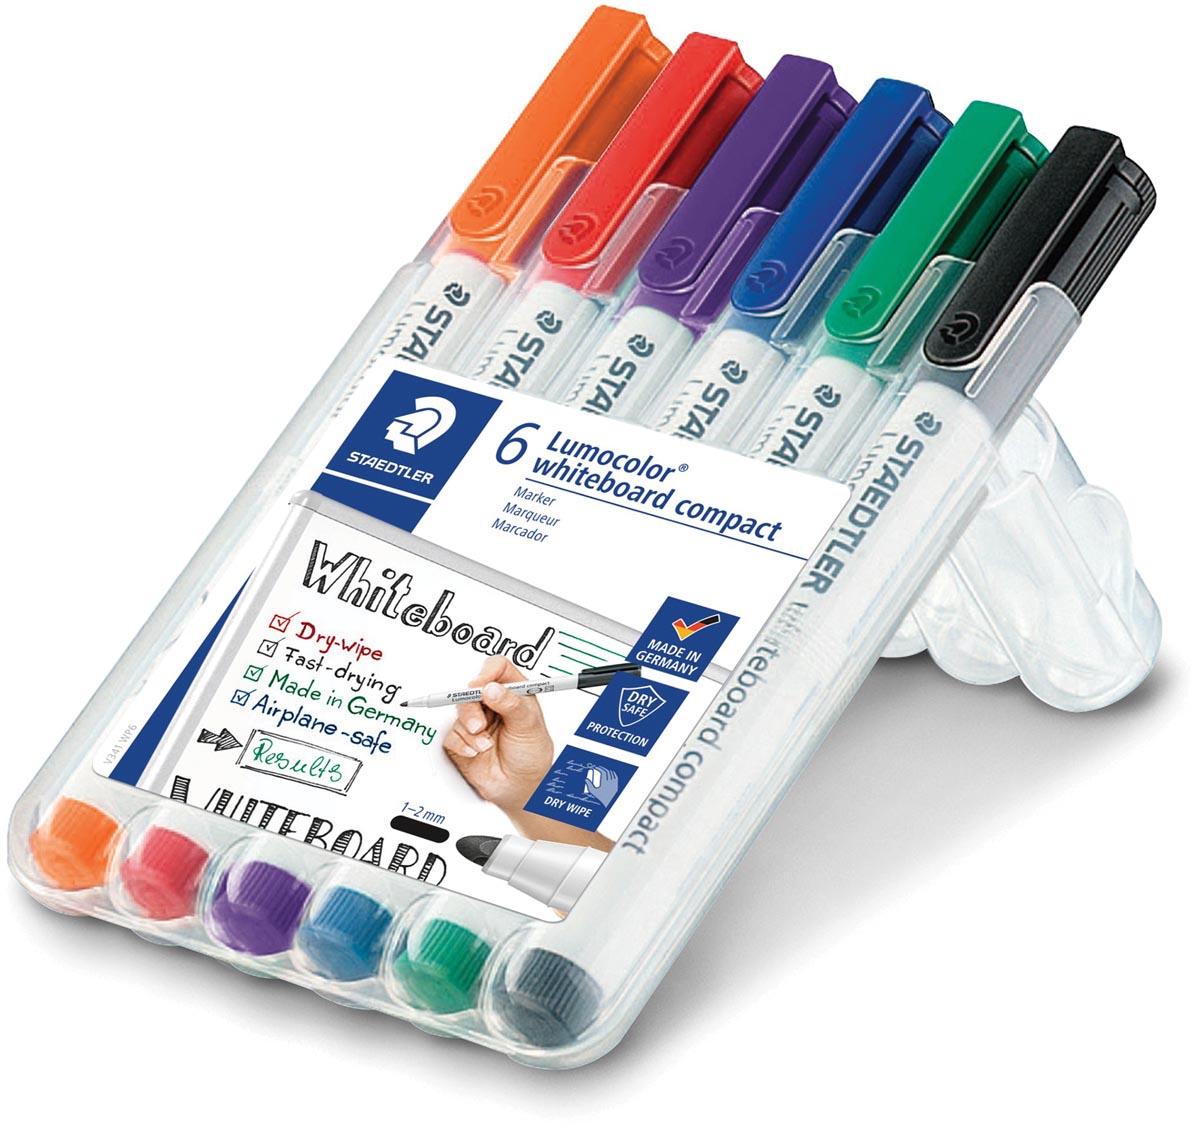 Staedtler whiteboardmarker Lumocolor Compact, opstelbare box met 6 stuks in geassorteerde kleuren